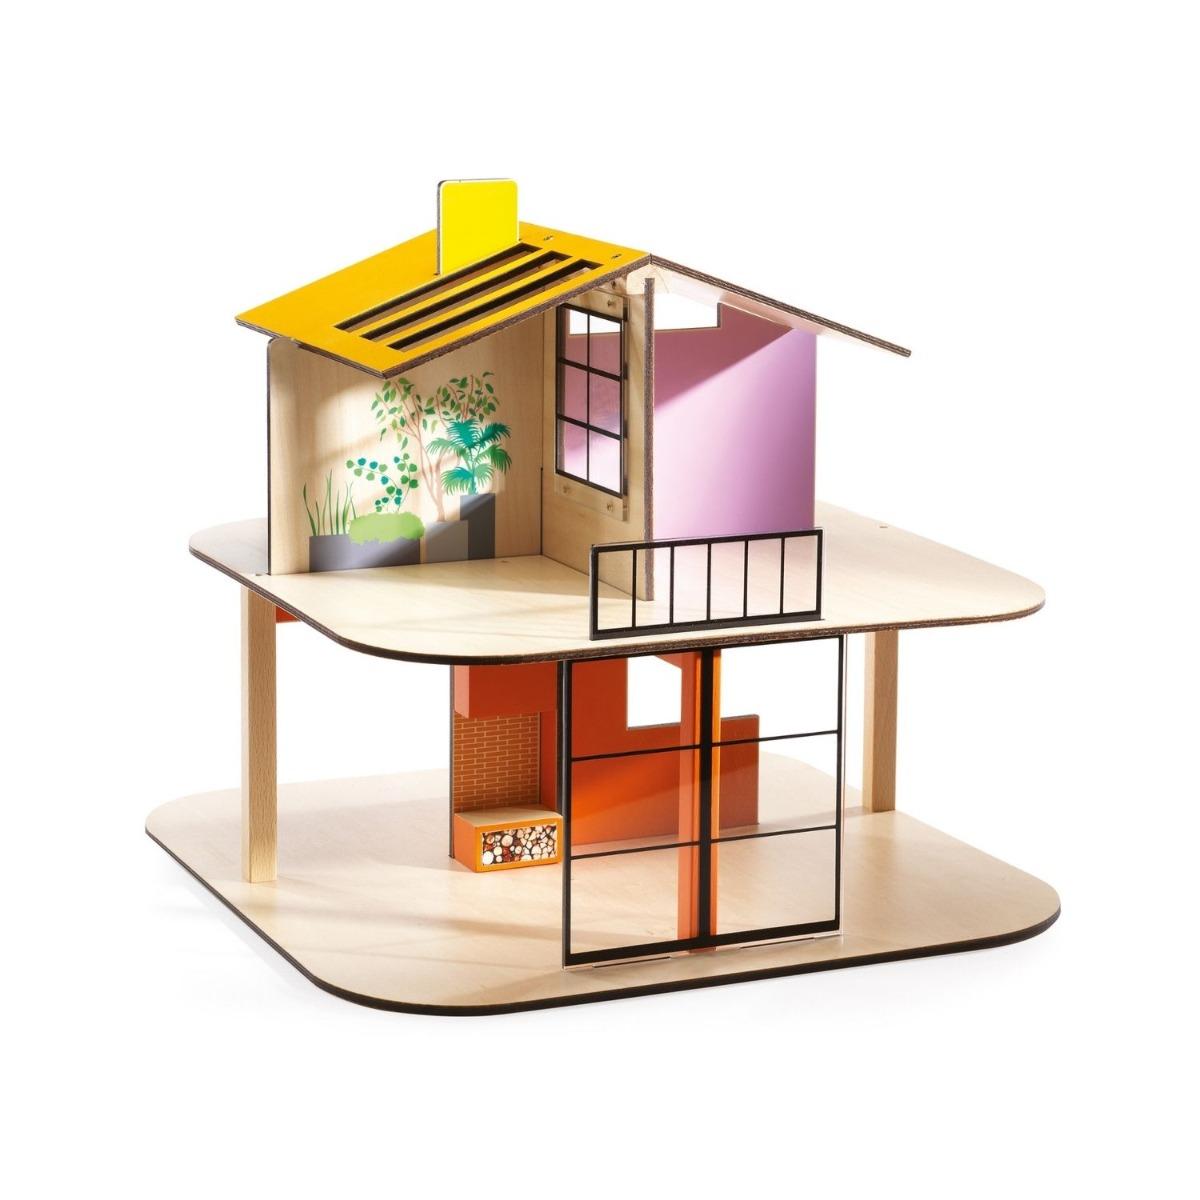 Designtorget Dockskåp Colour House